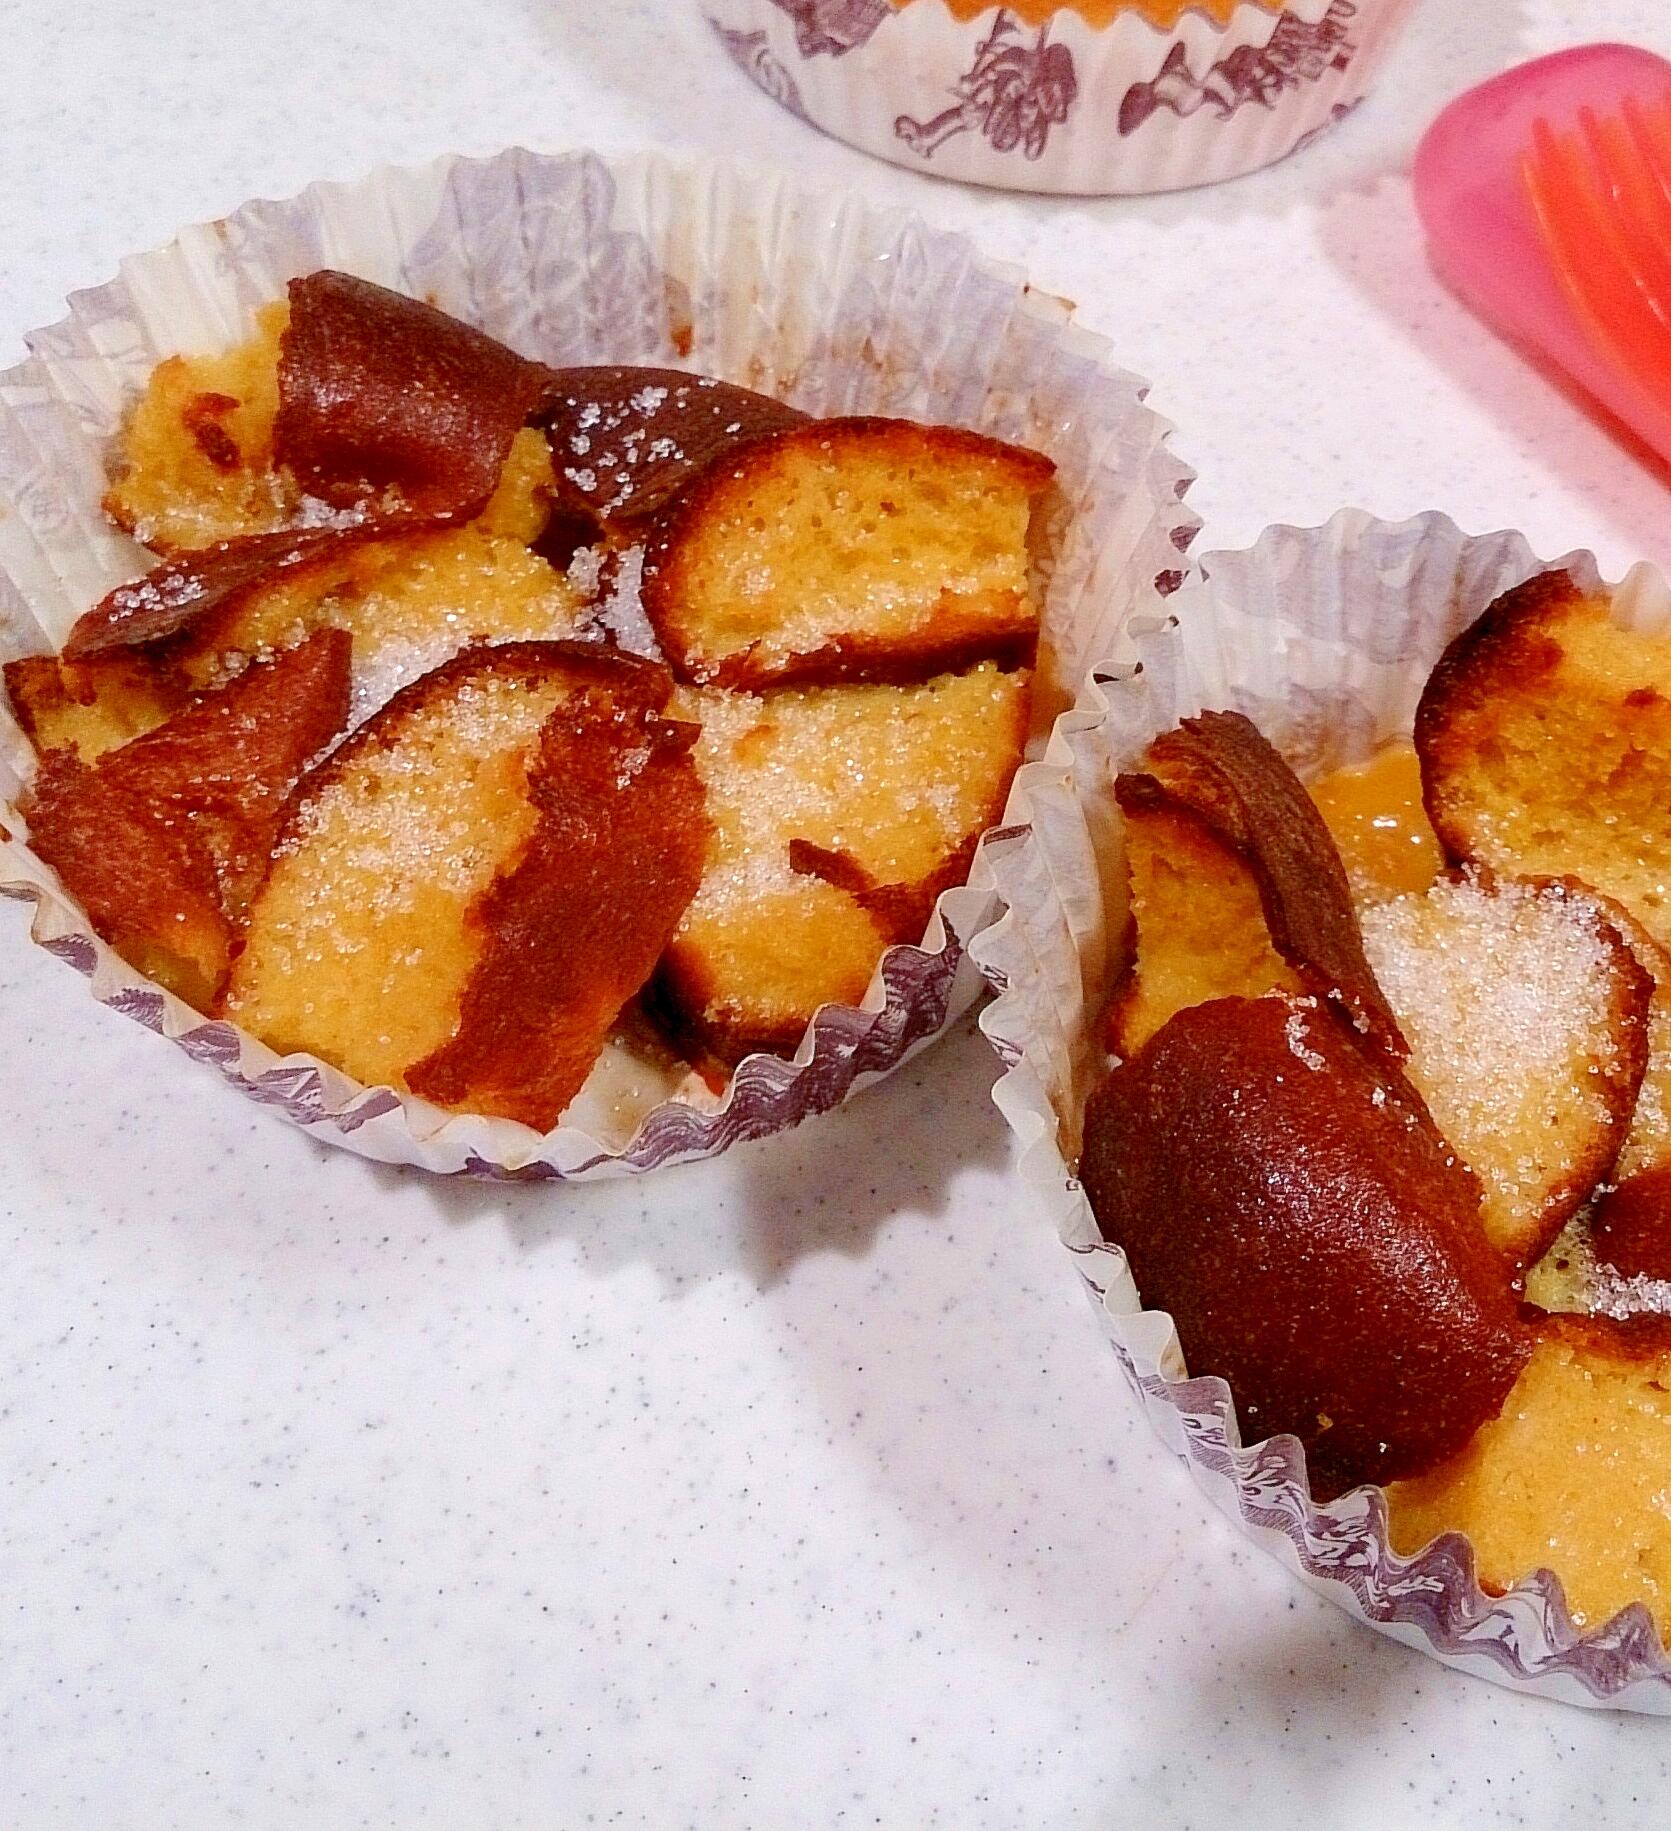 【糖質制限】ノンオイルで手間なしフレンチトースト